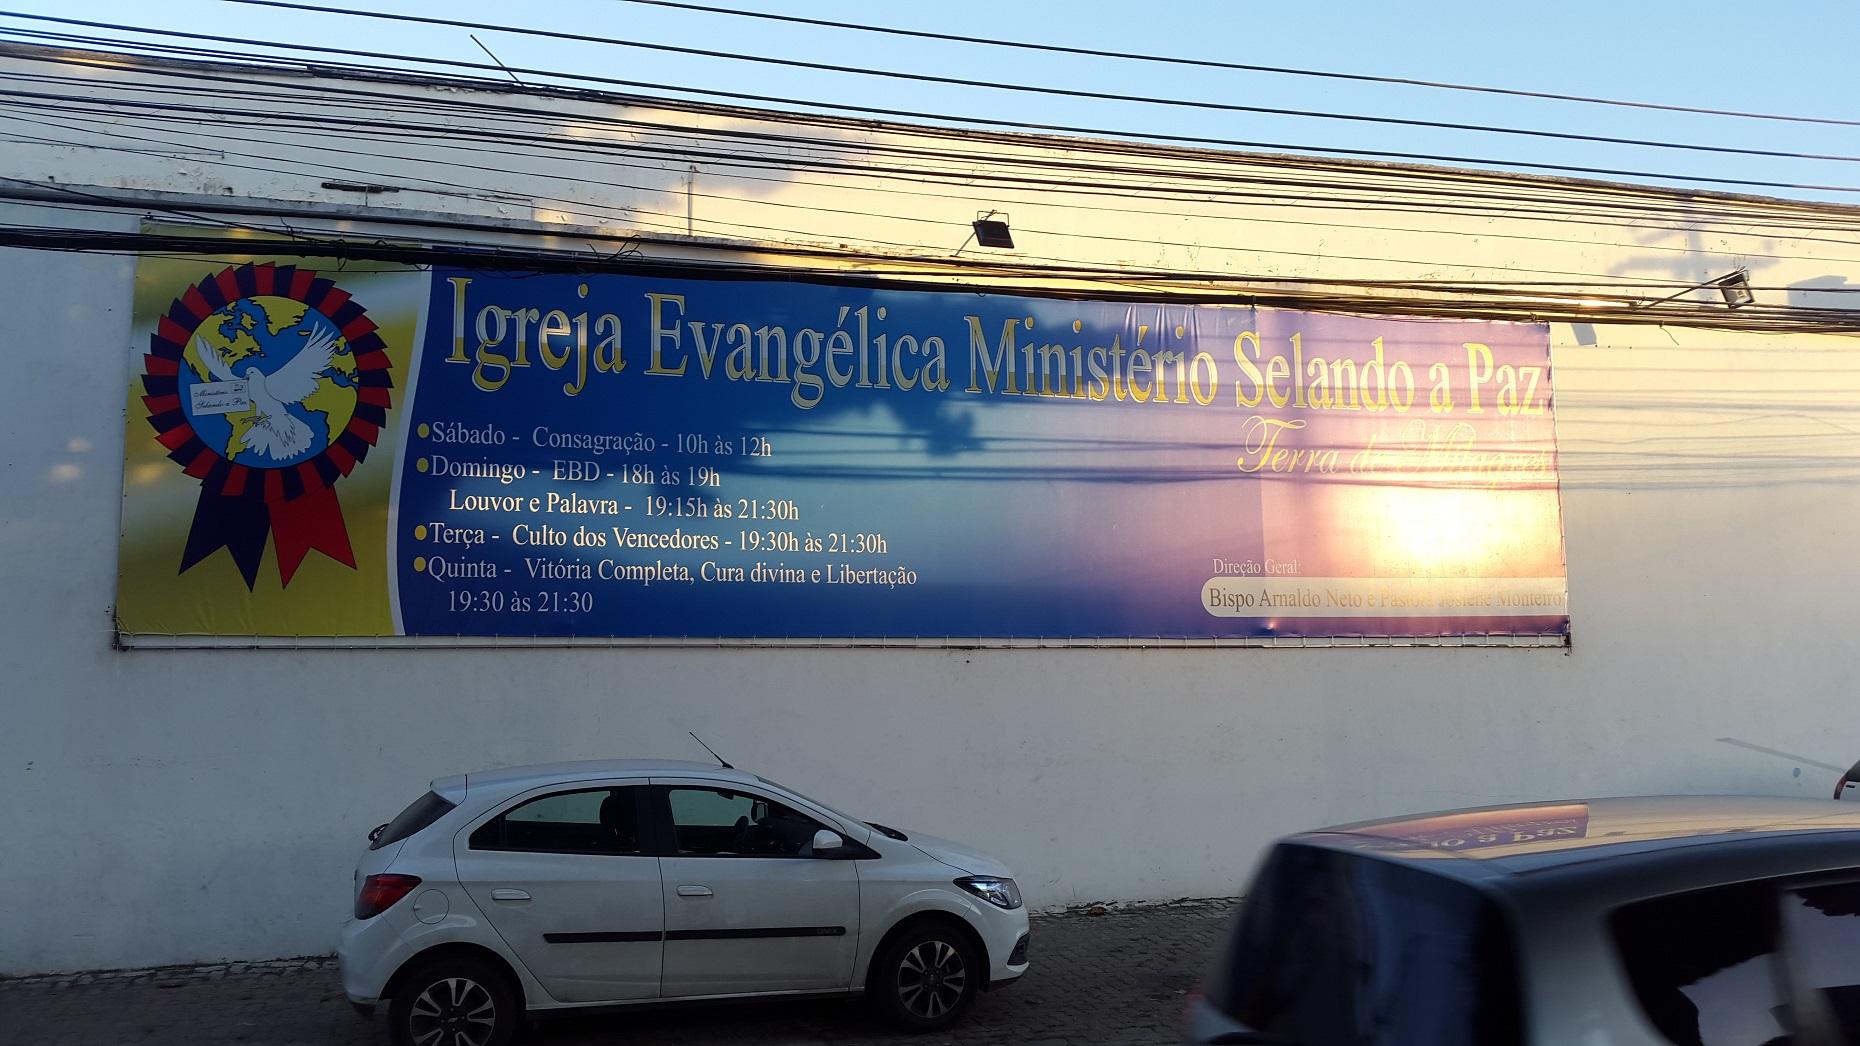 Placa da Igreja Evangélica que divide o espaço com as escolas